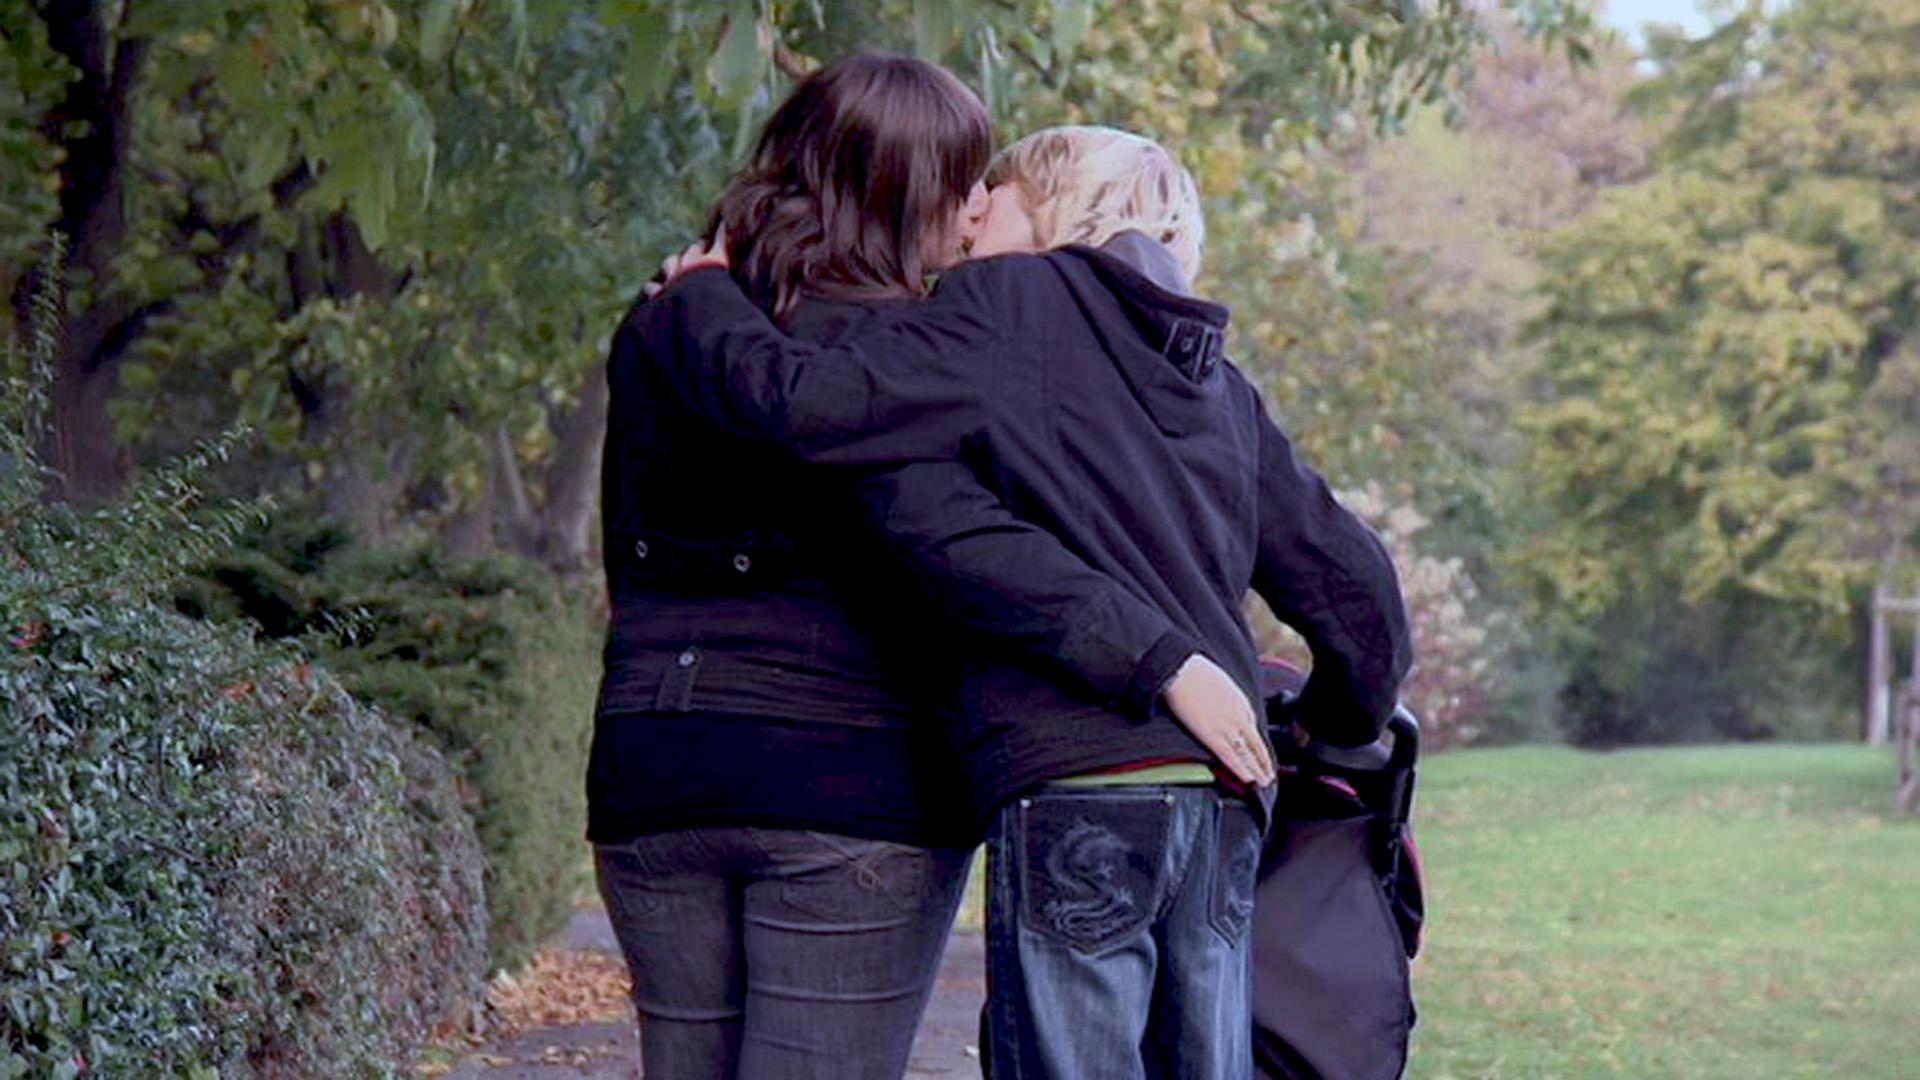 Teenievater darf sein Kind nicht mehr sehen | Folge 73